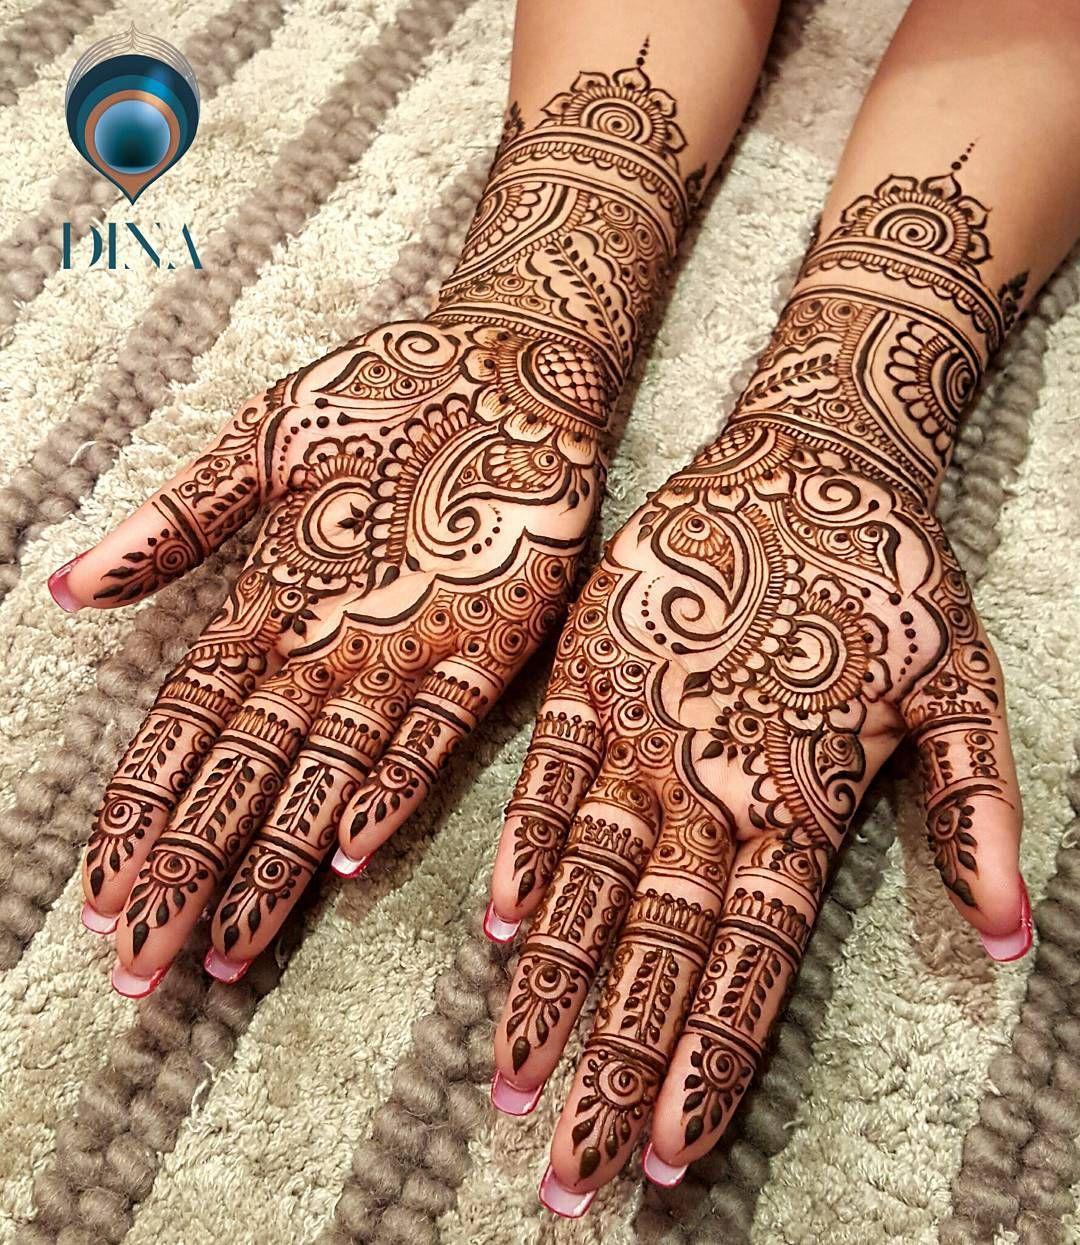 White Wedding Dress With Henna: Henna Artist, Bridal Henna, White